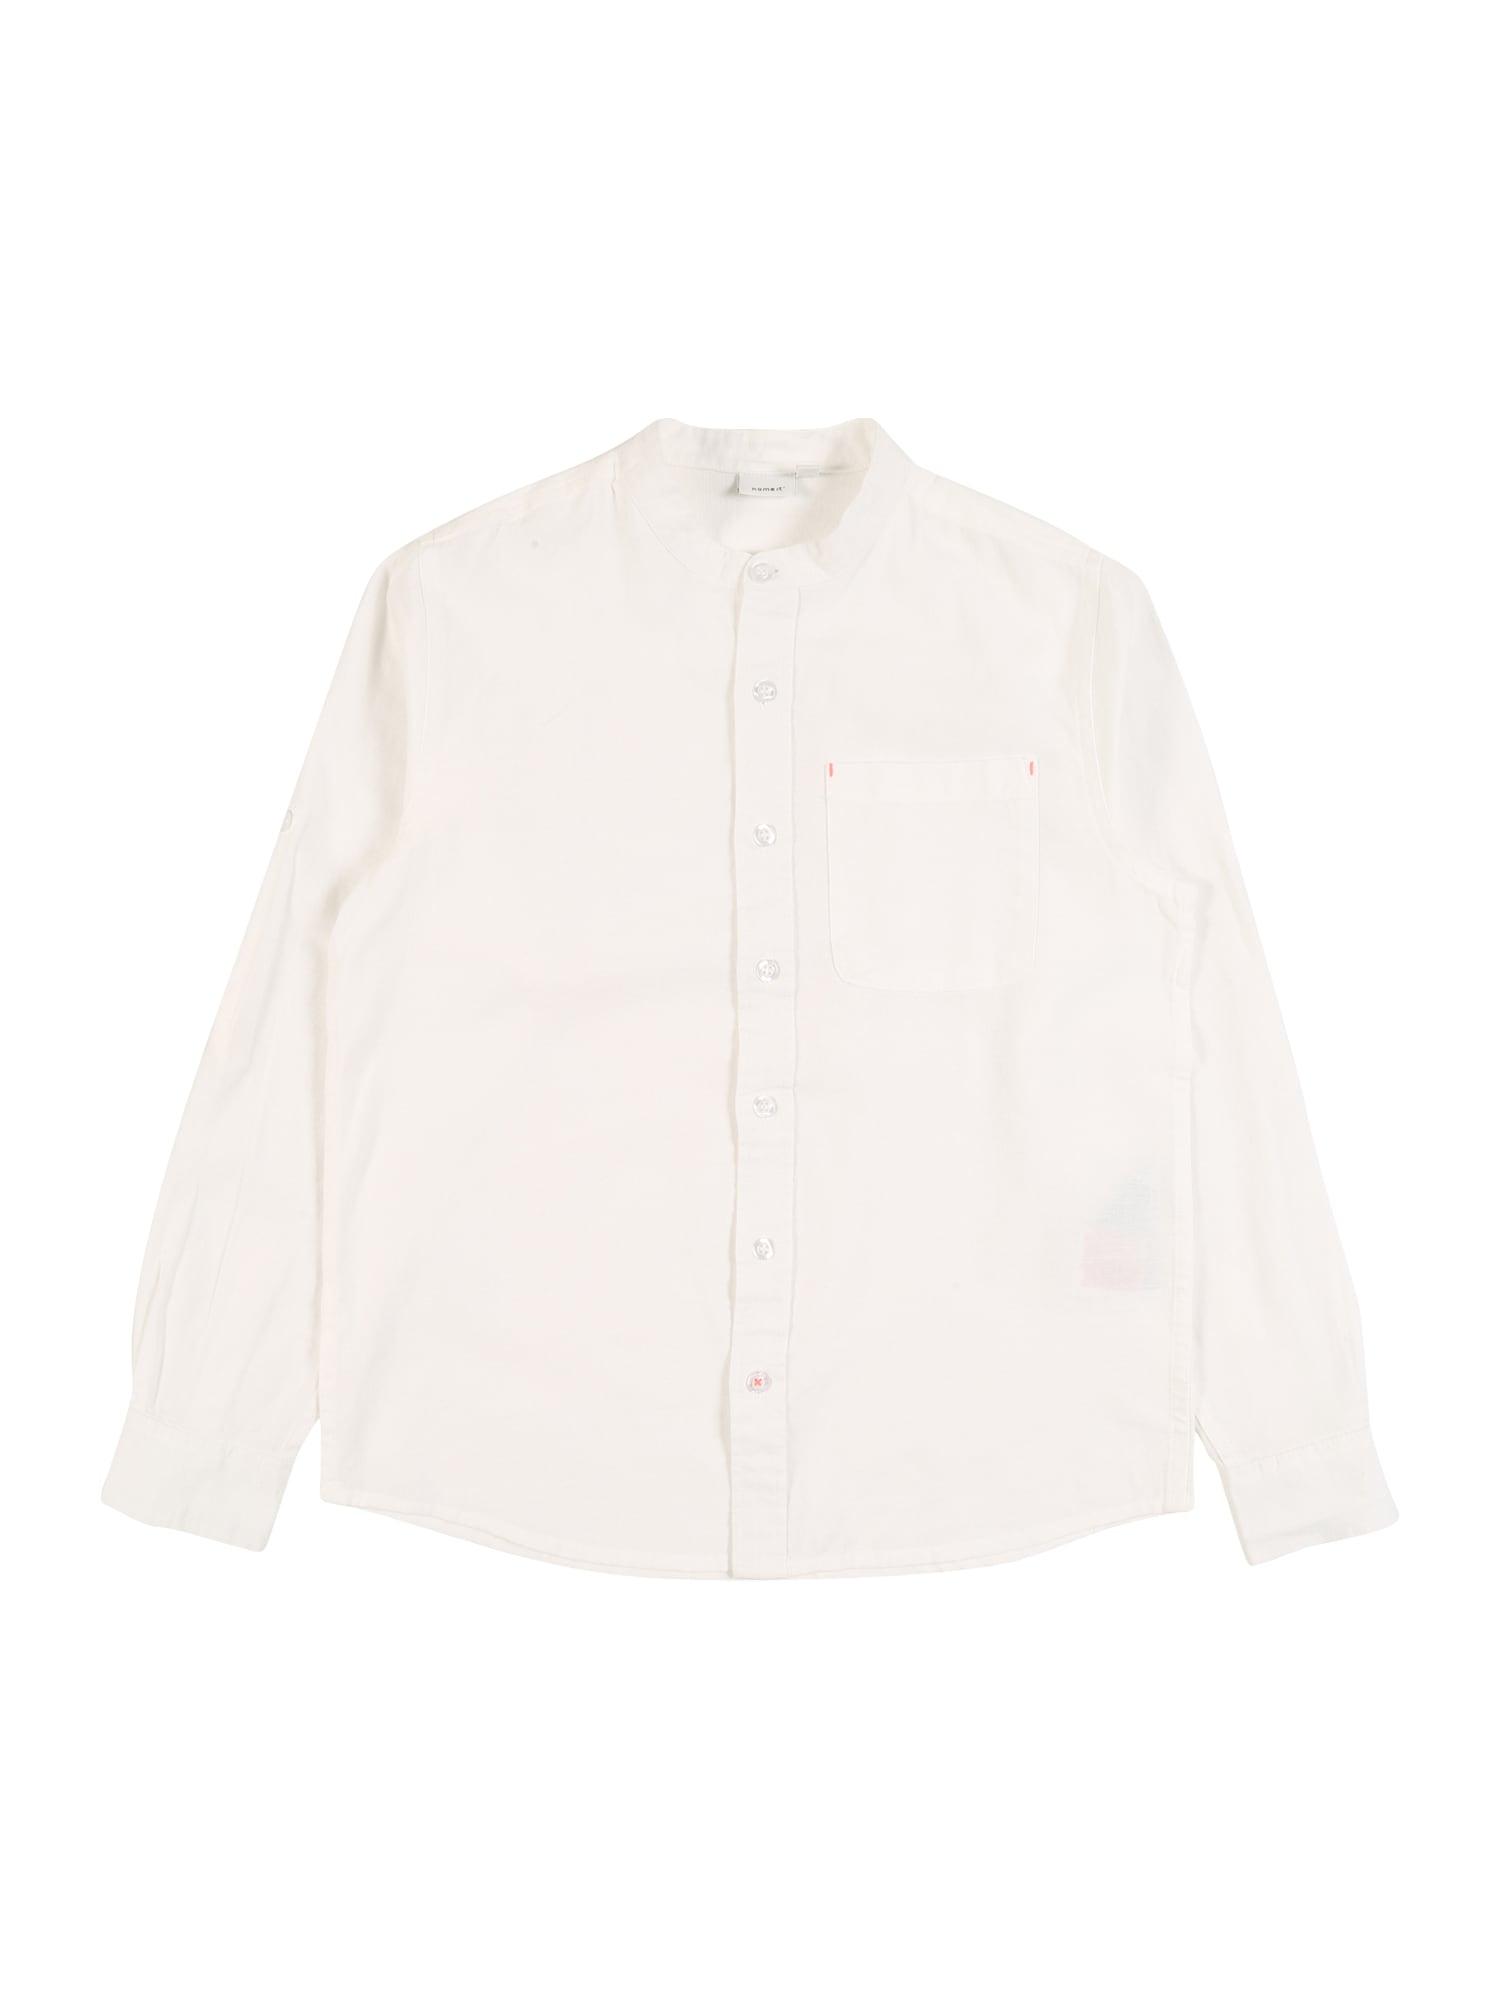 NAME IT Dalykiniai marškiniai 'NKMFISH' balta